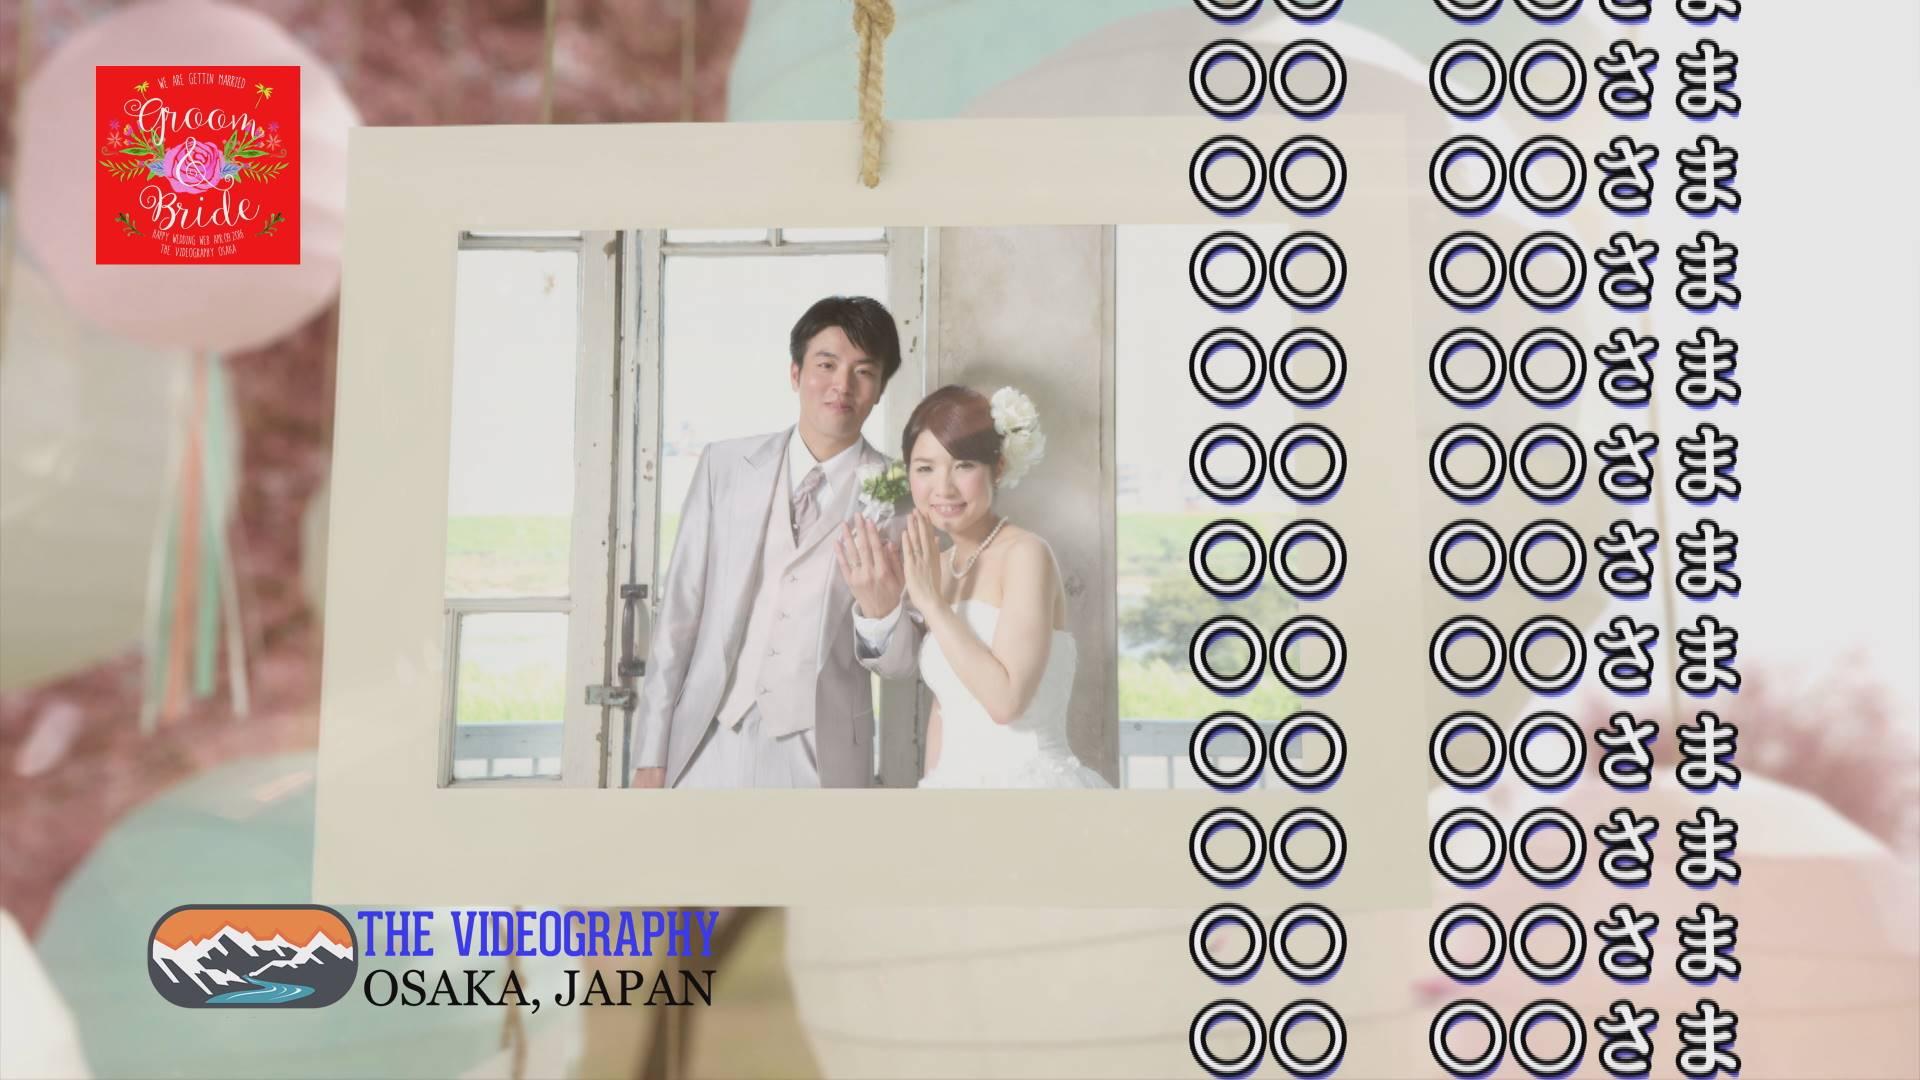 結婚式の締めを飾るおしゃれで印象的な新郎新婦を祝福するエンドクレジットロールビデオ